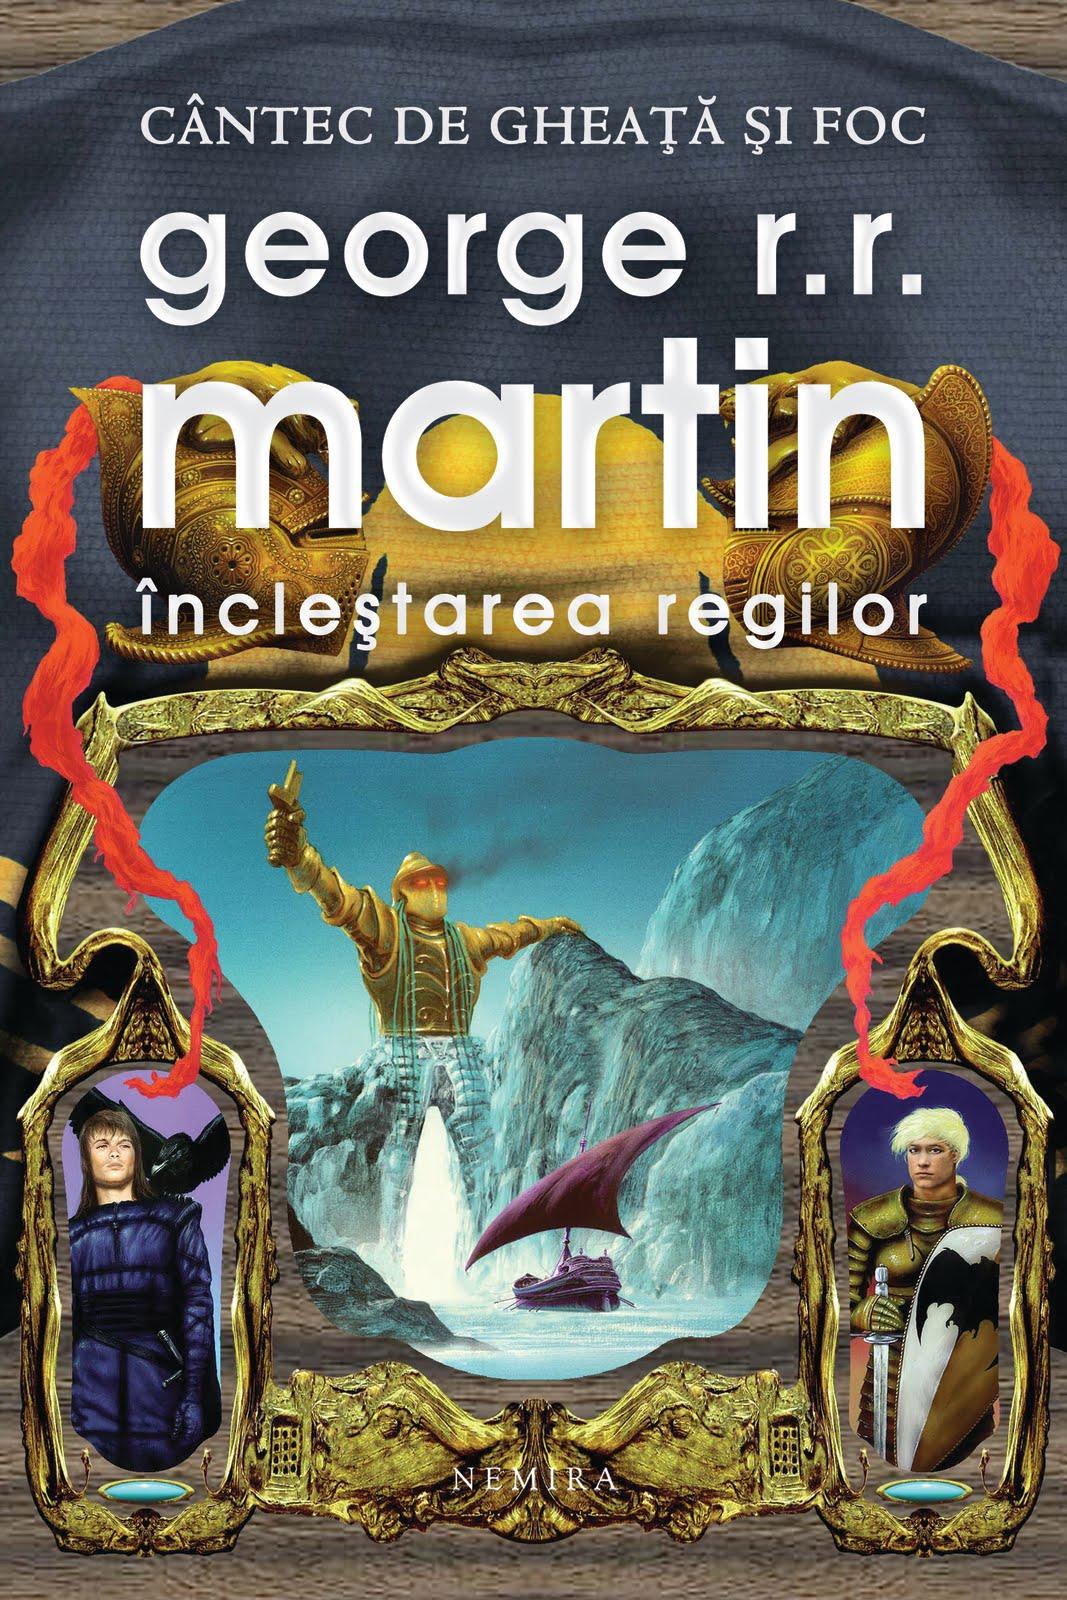 GRR Martin_Inclestarea regilor